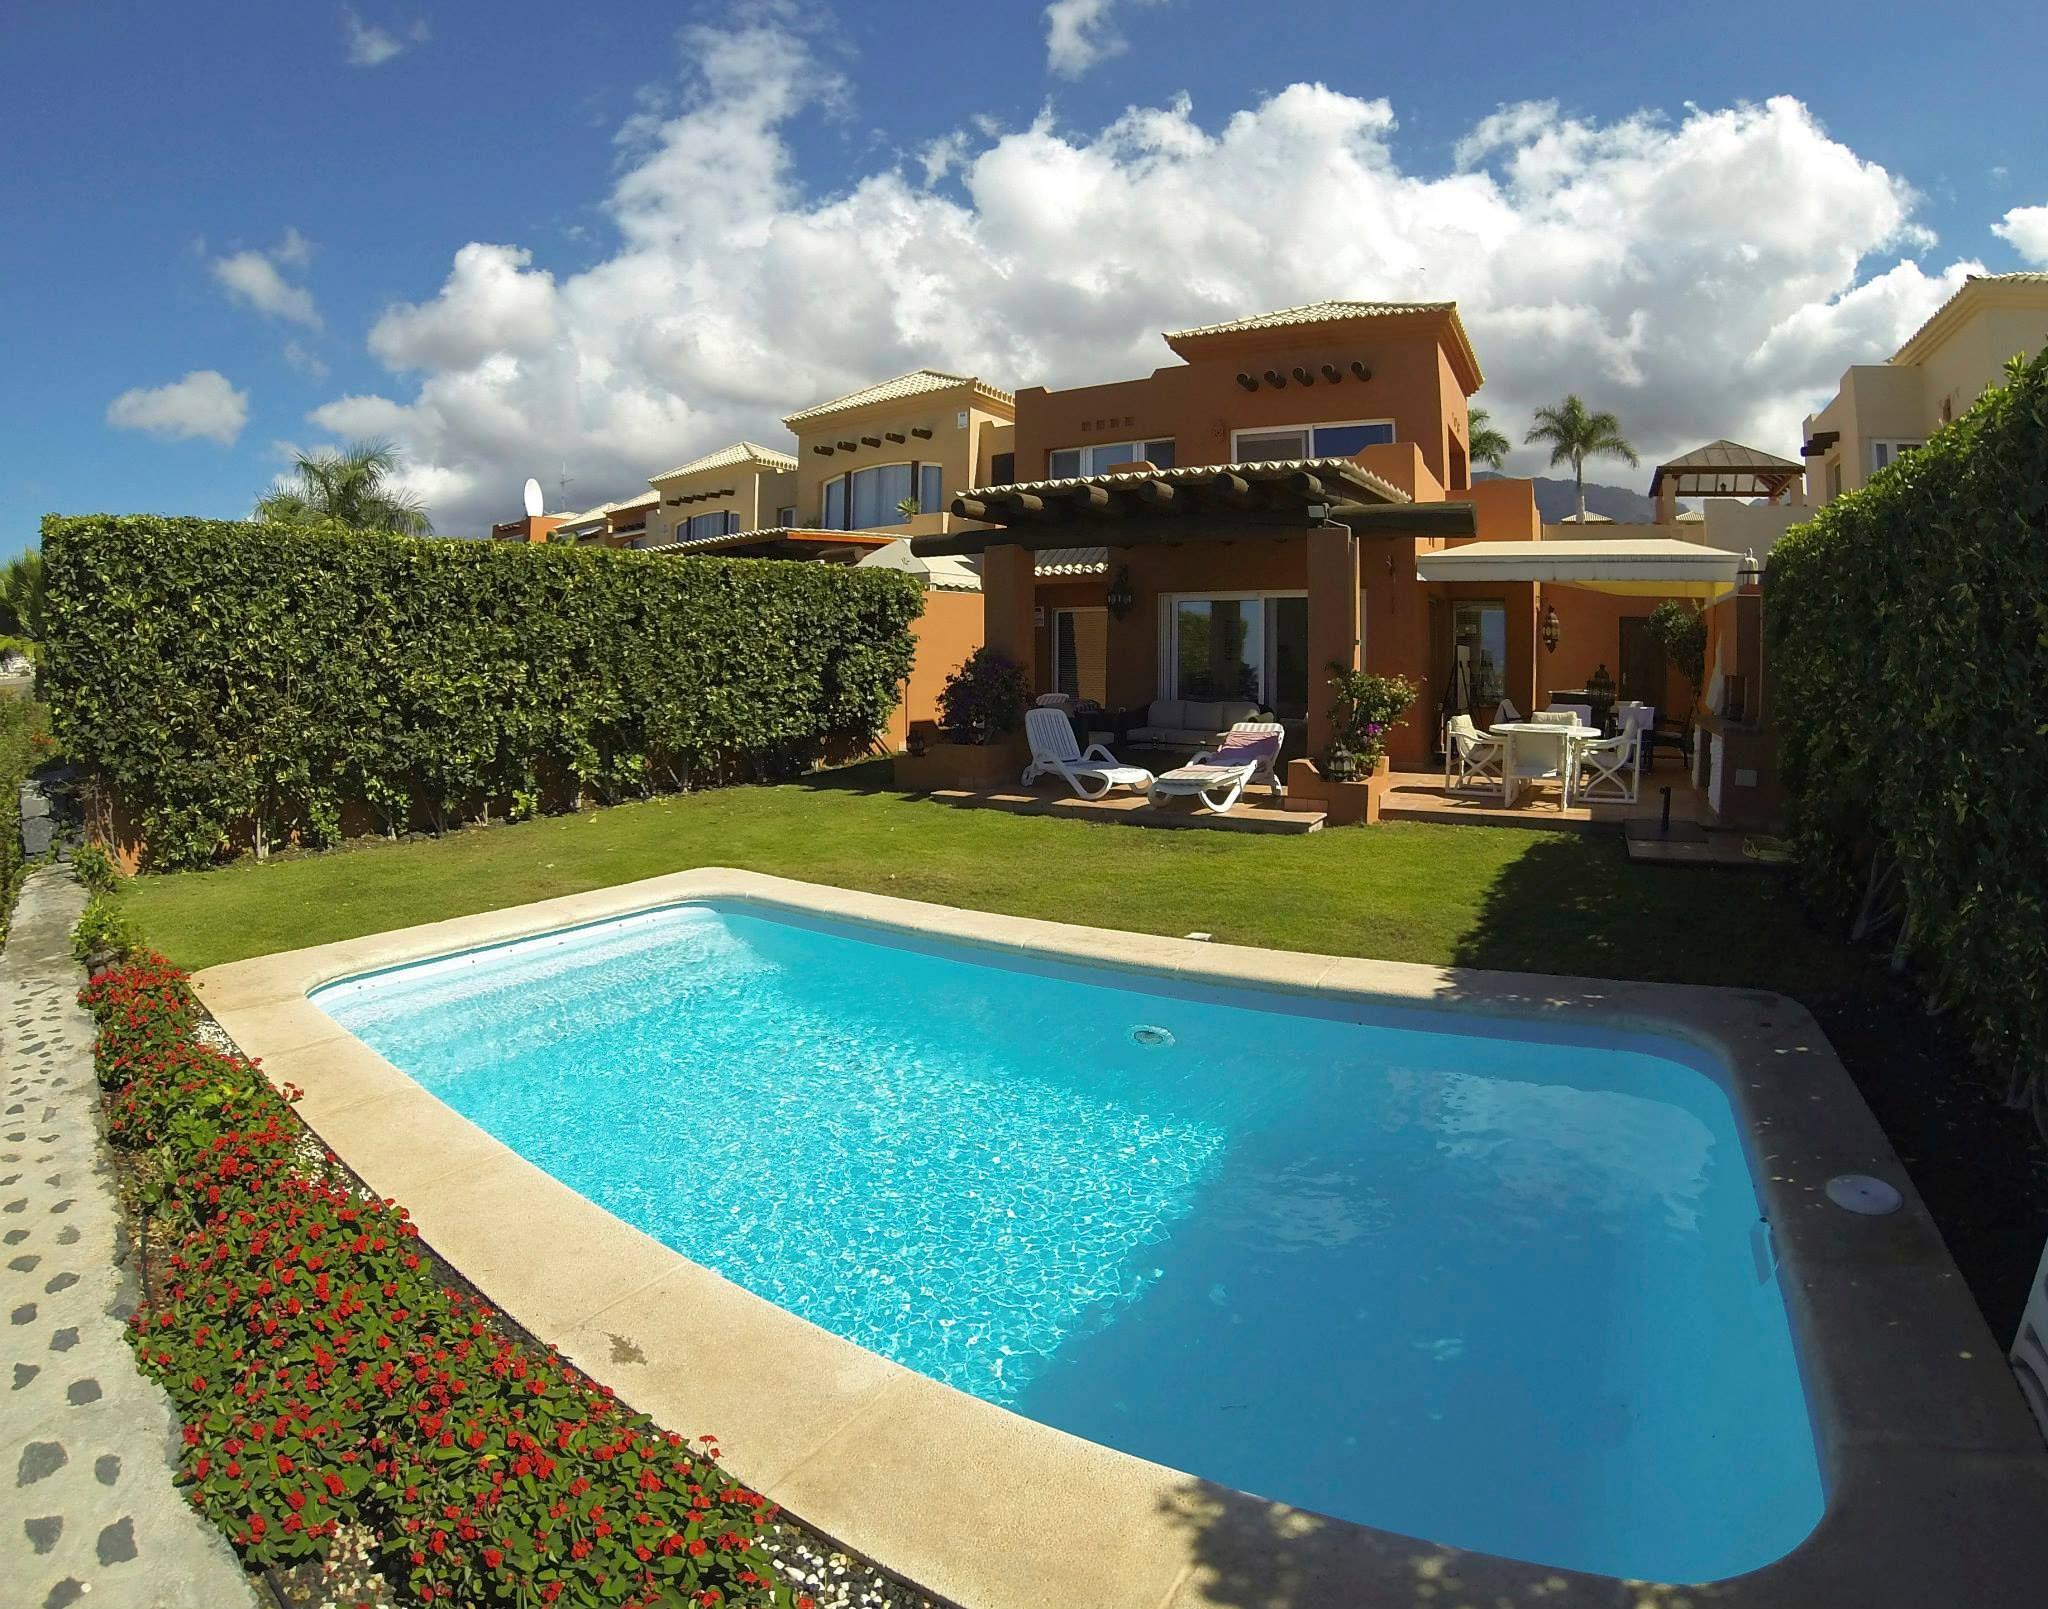 Asesoramiento en la compra de casas de lujo en Tenerife